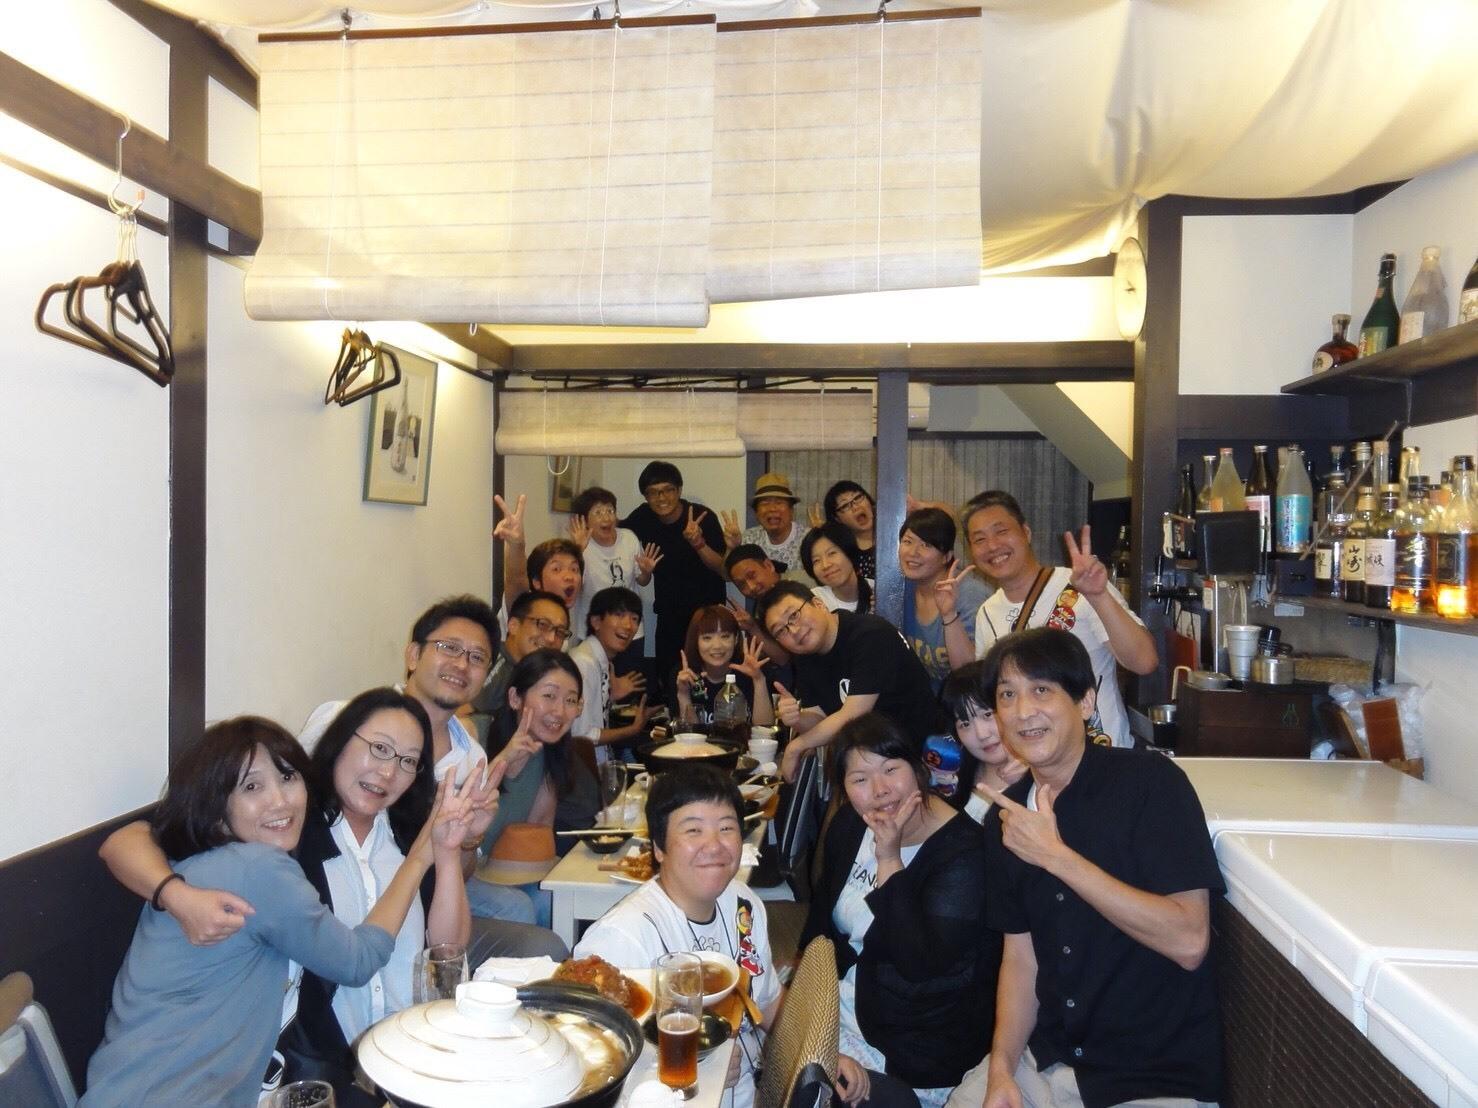 田中真弓と愉快な仲間たちです‼️_a0163623_10470127.jpg